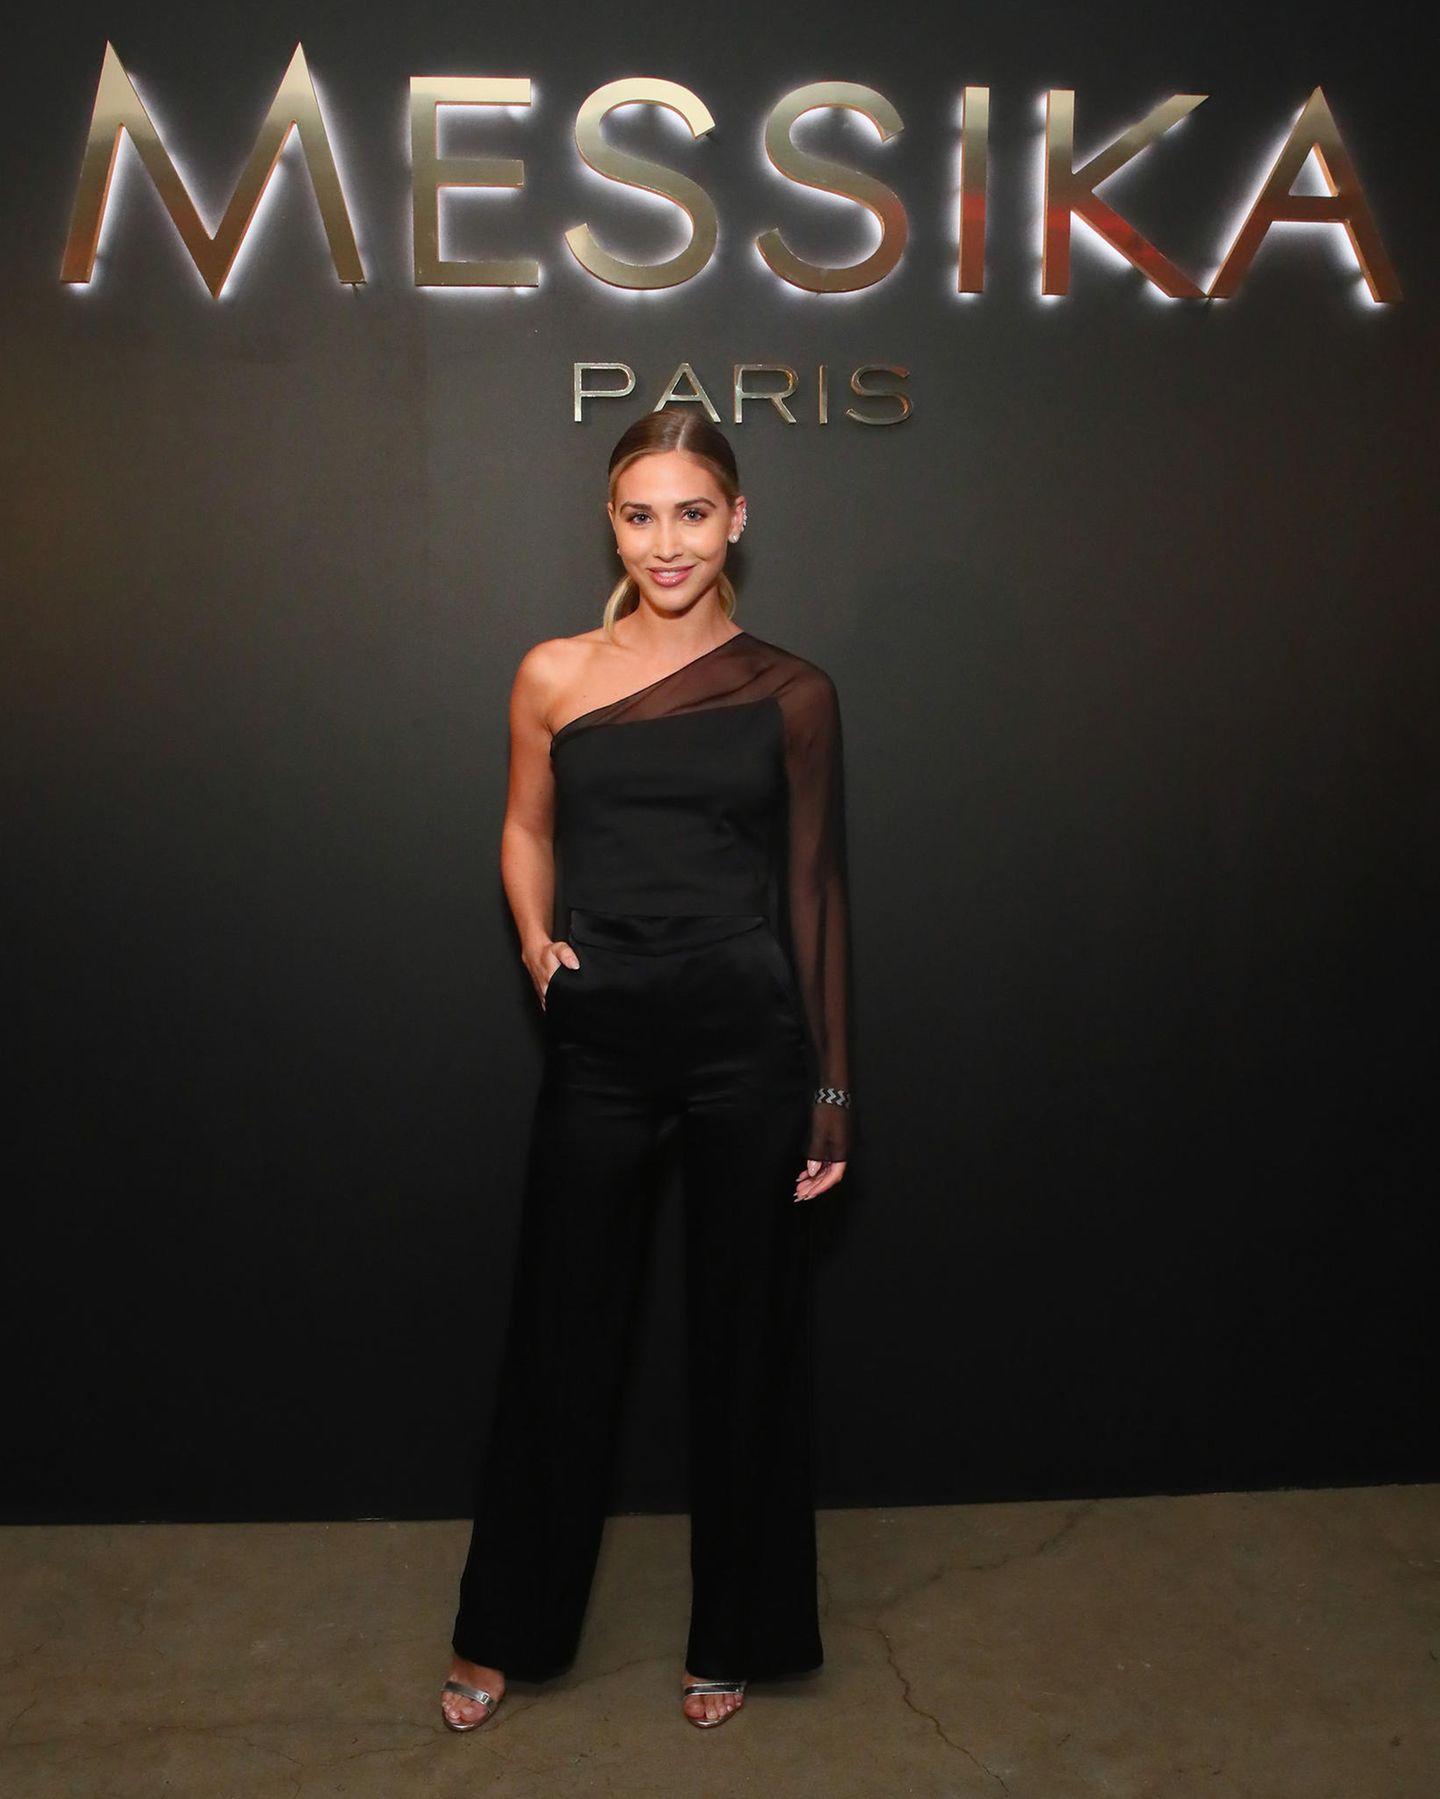 Auch Ann-Kathrin Götze setzt an diesem Abend auf Schwarz: Sie trägt einen Hosenanzug mit One-Shoulder-Ausschnitt.